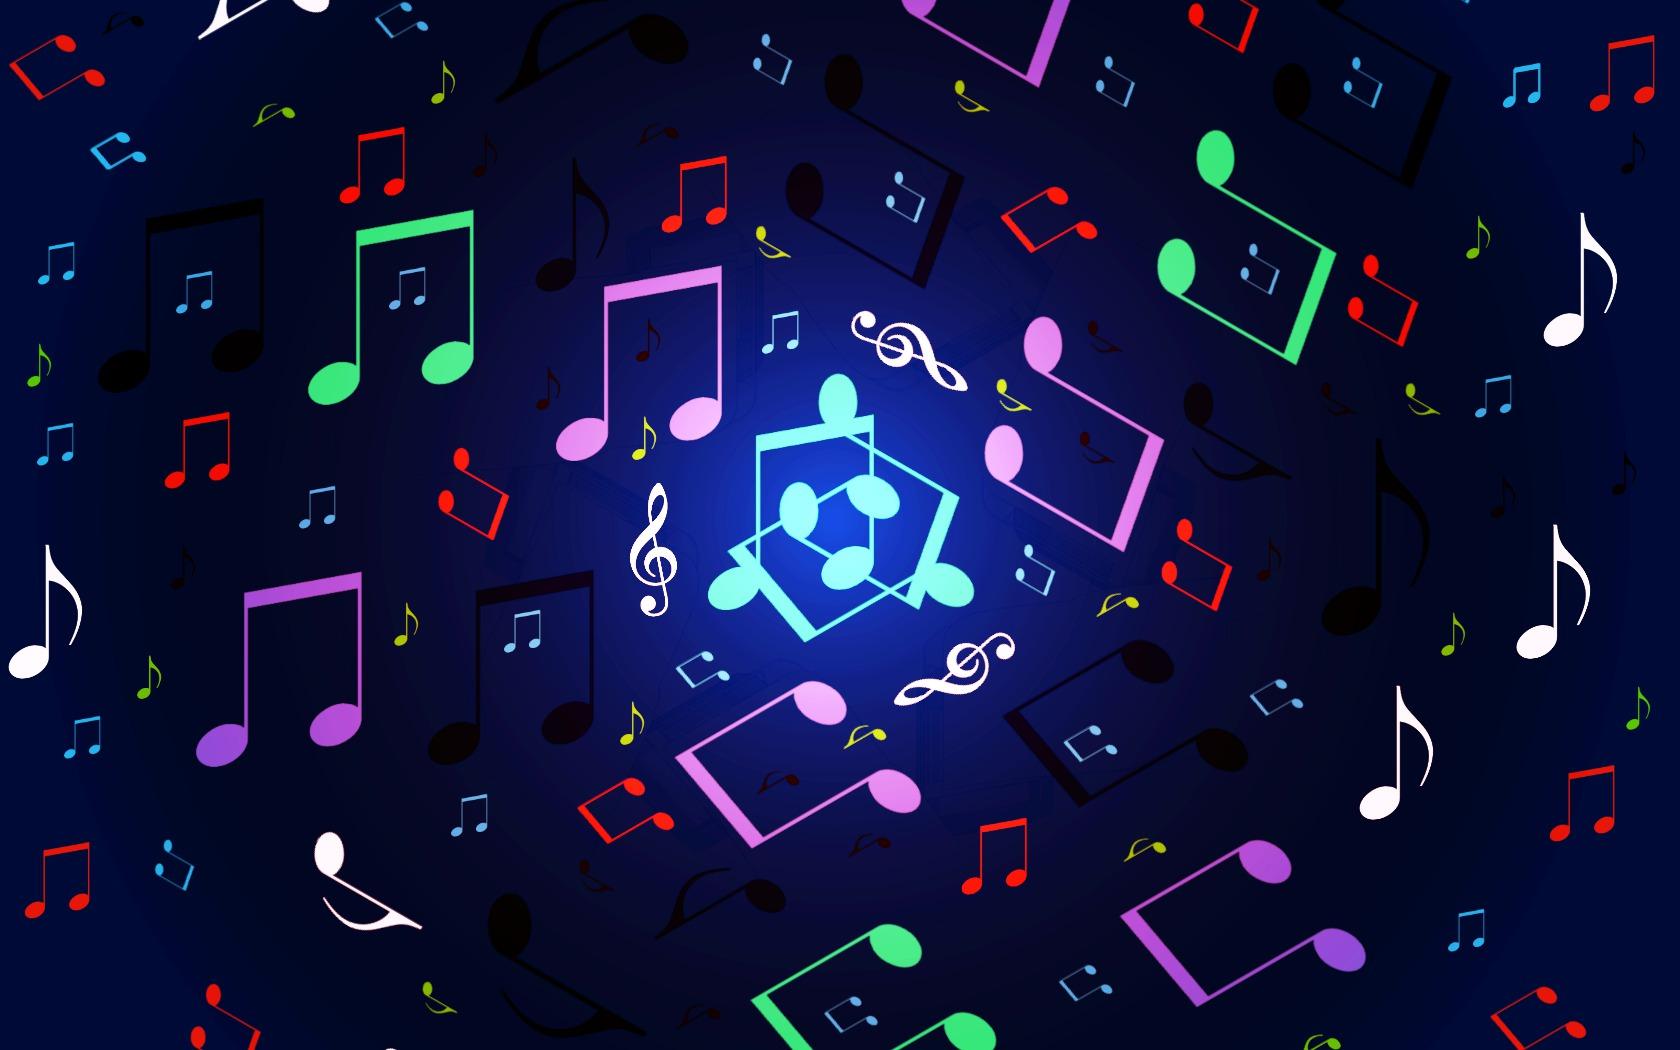 music note wallpaper wallpapersafari